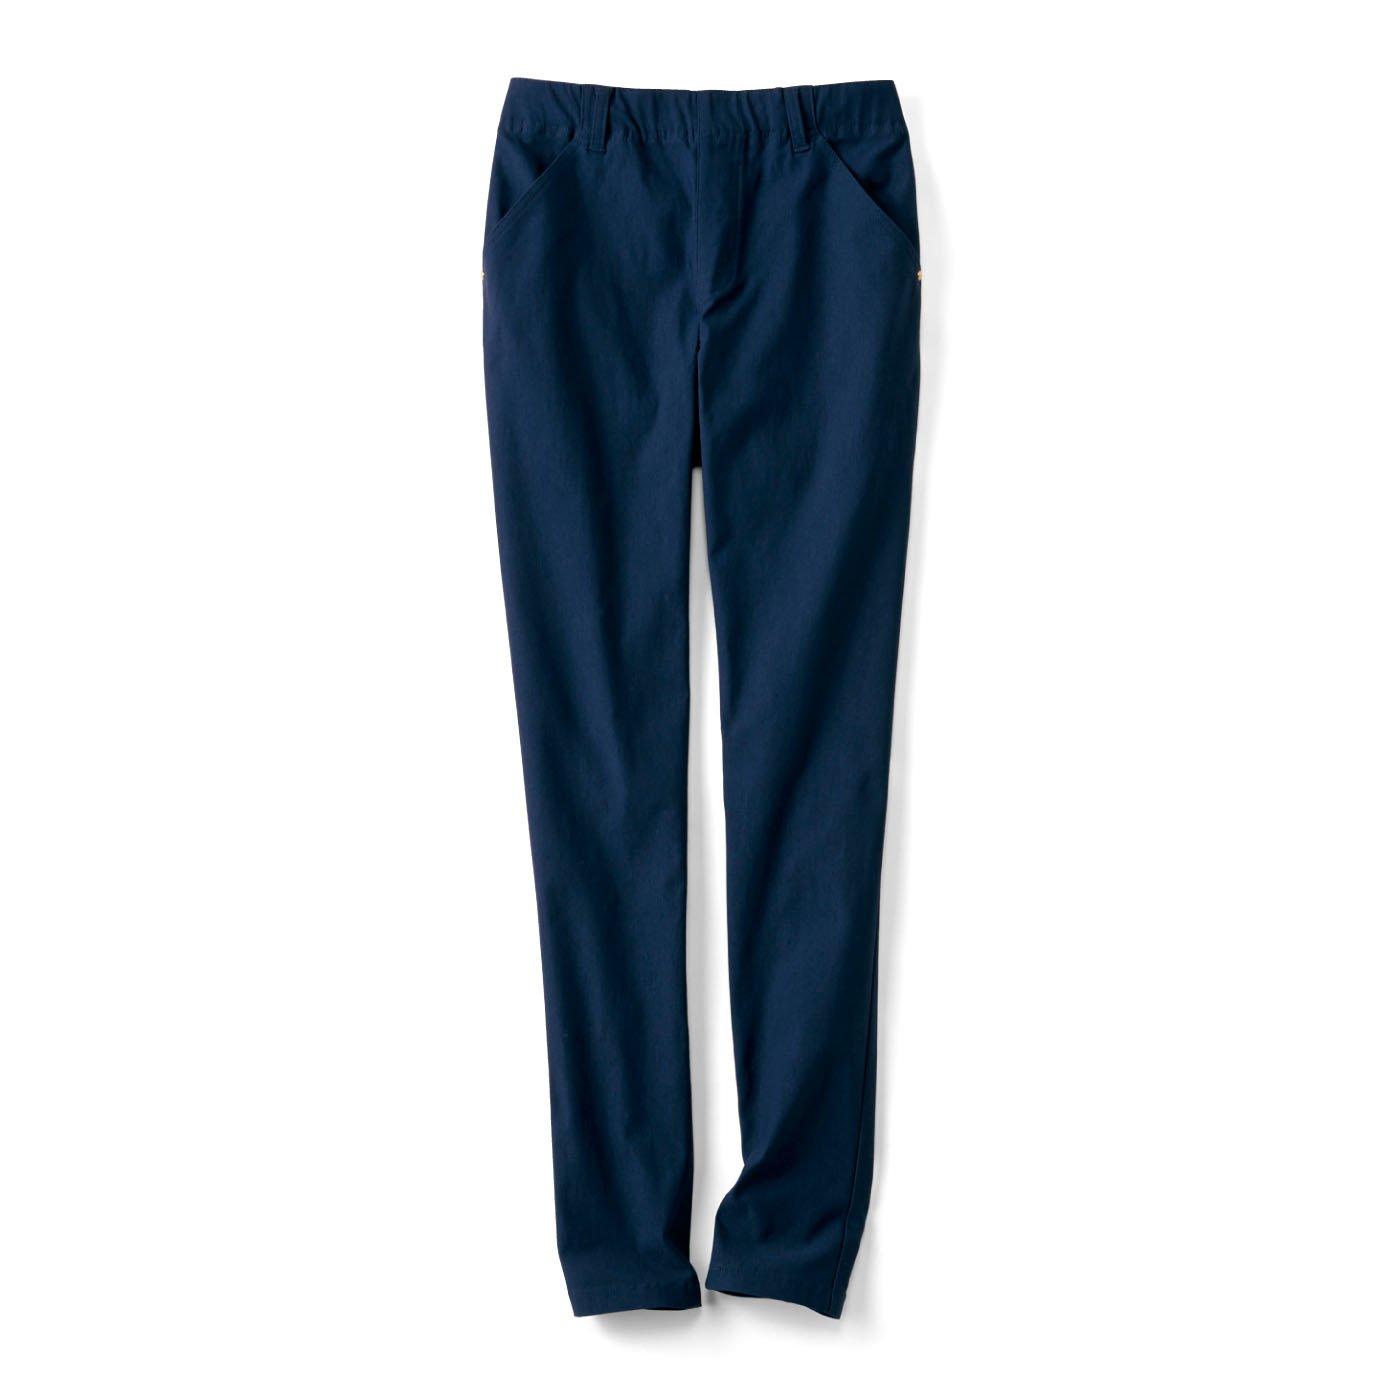 リブ イン コンフォート まるではいてないみたい!?  絶対美脚な スーパー伸び軽パンツ〈ネイビー〉